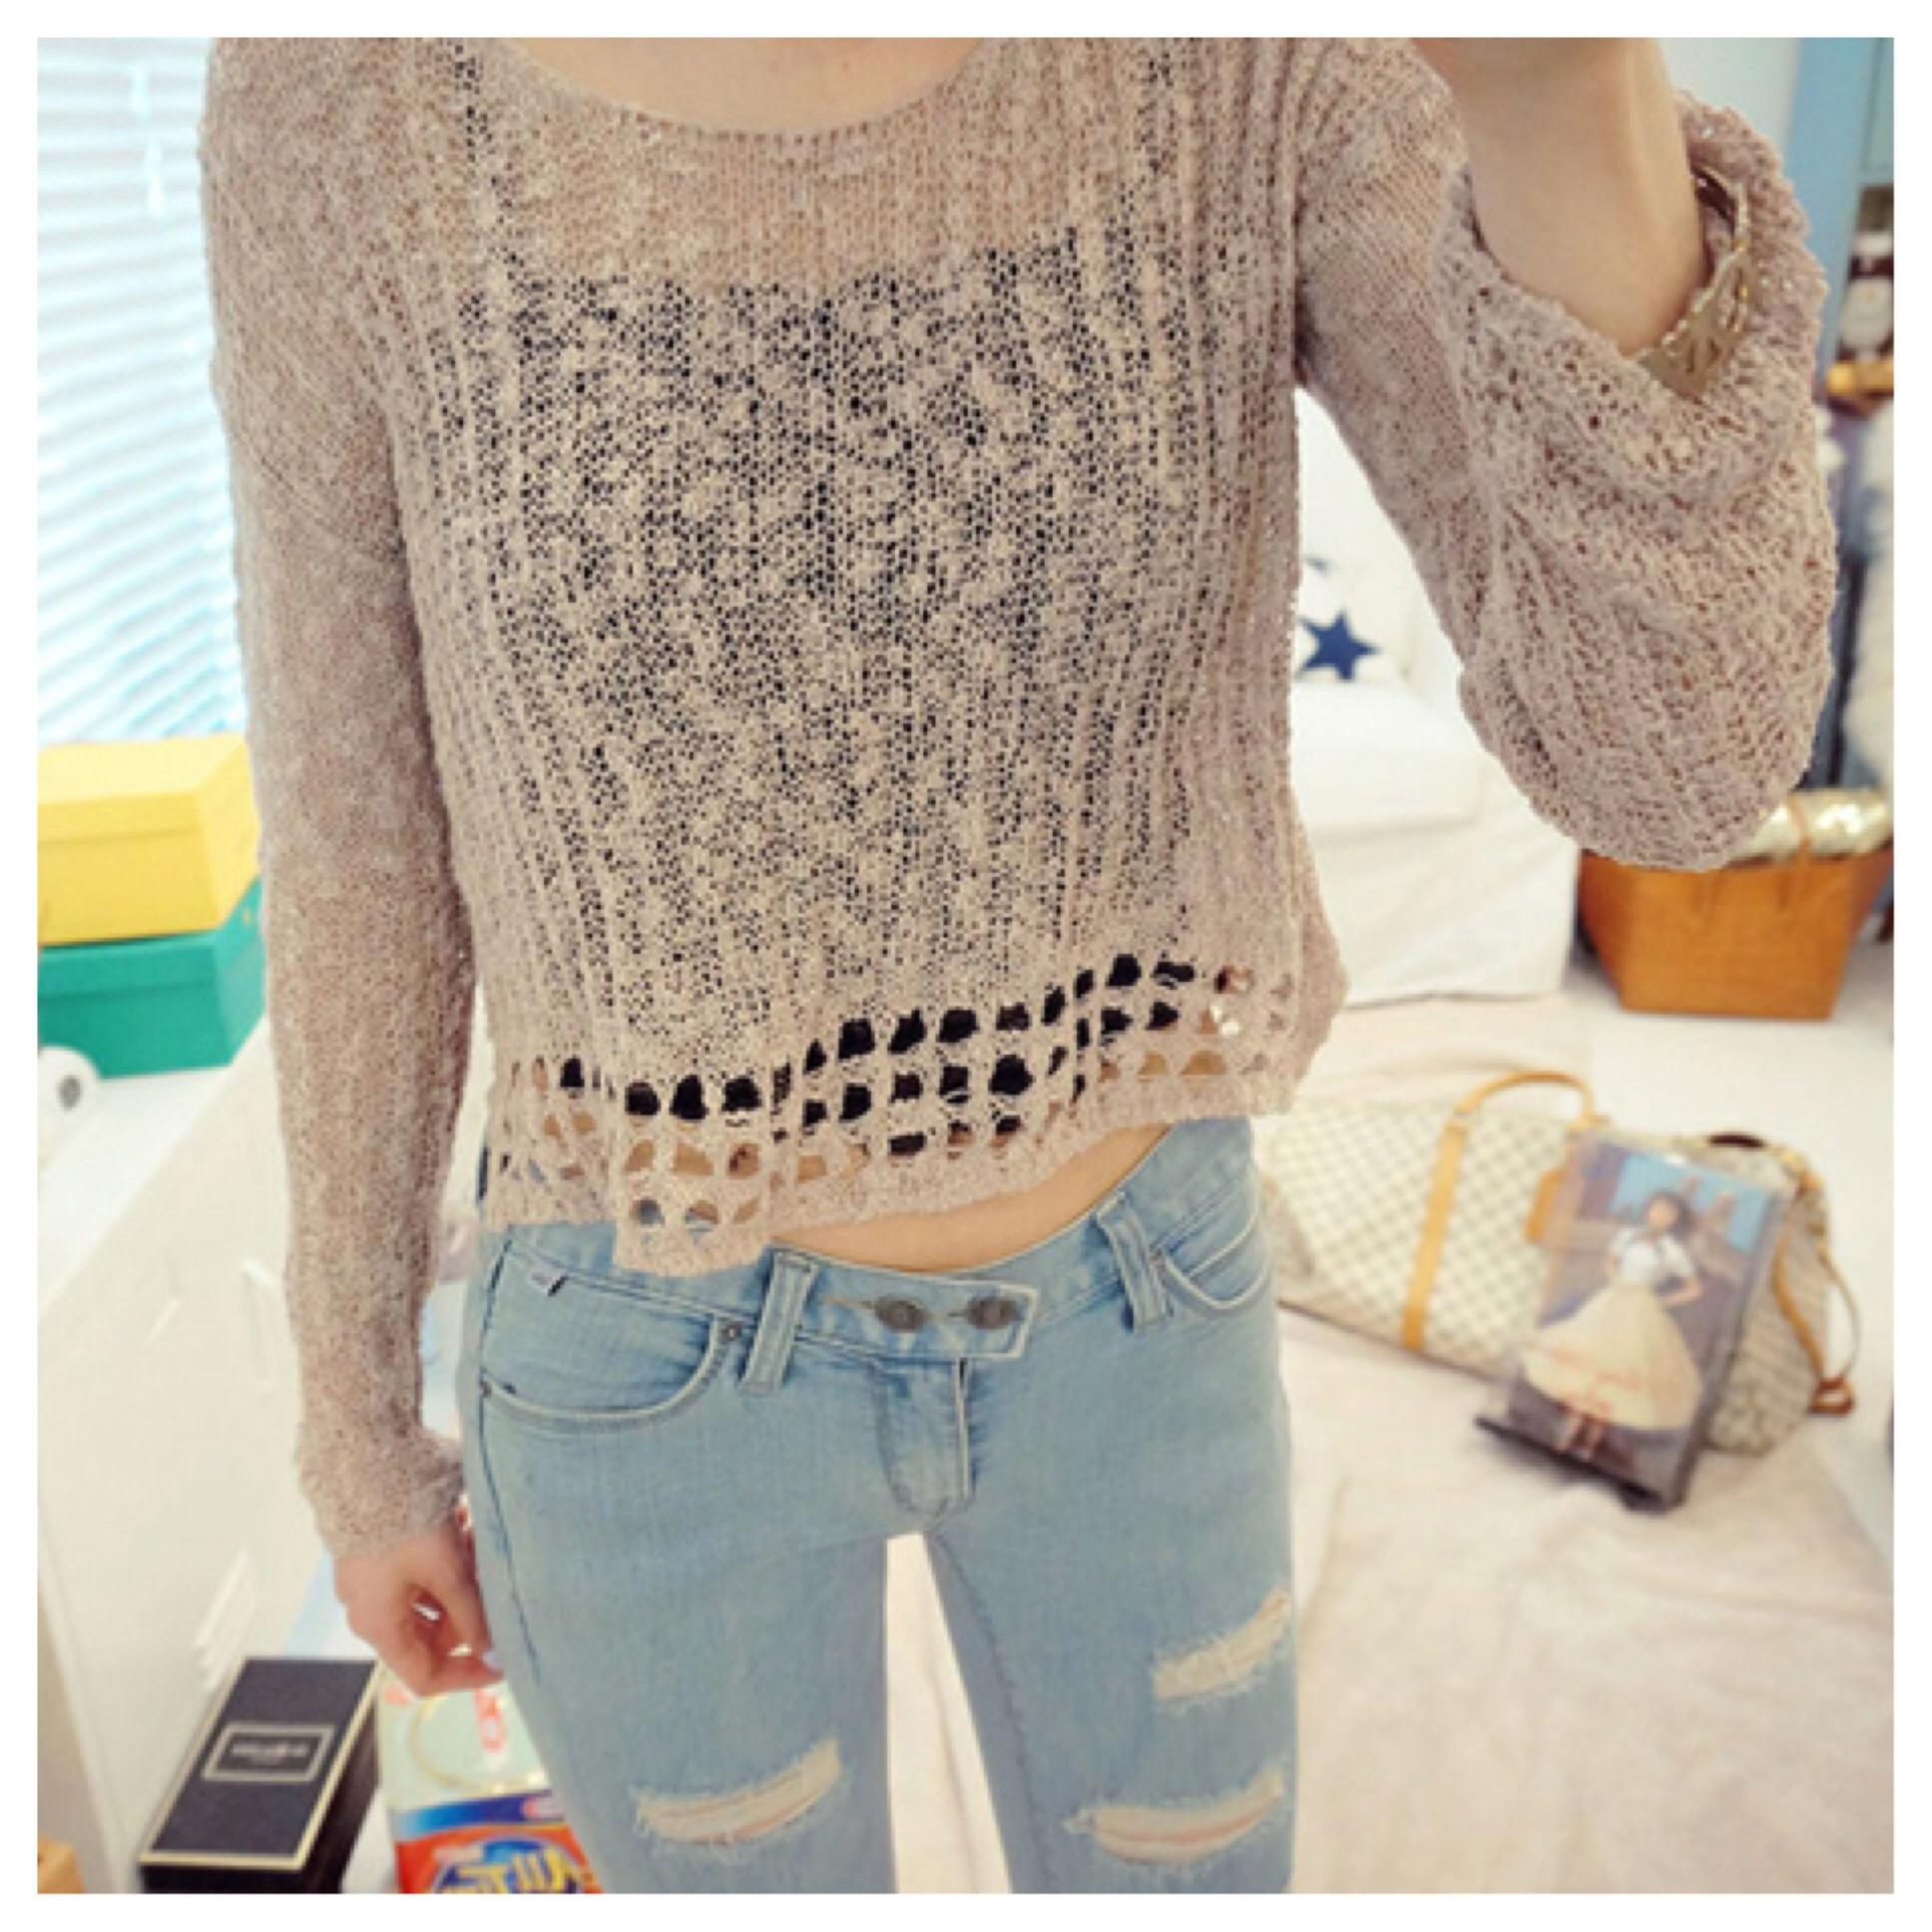 Cute crochet knit crop sweater/top from doublelw on storenvy